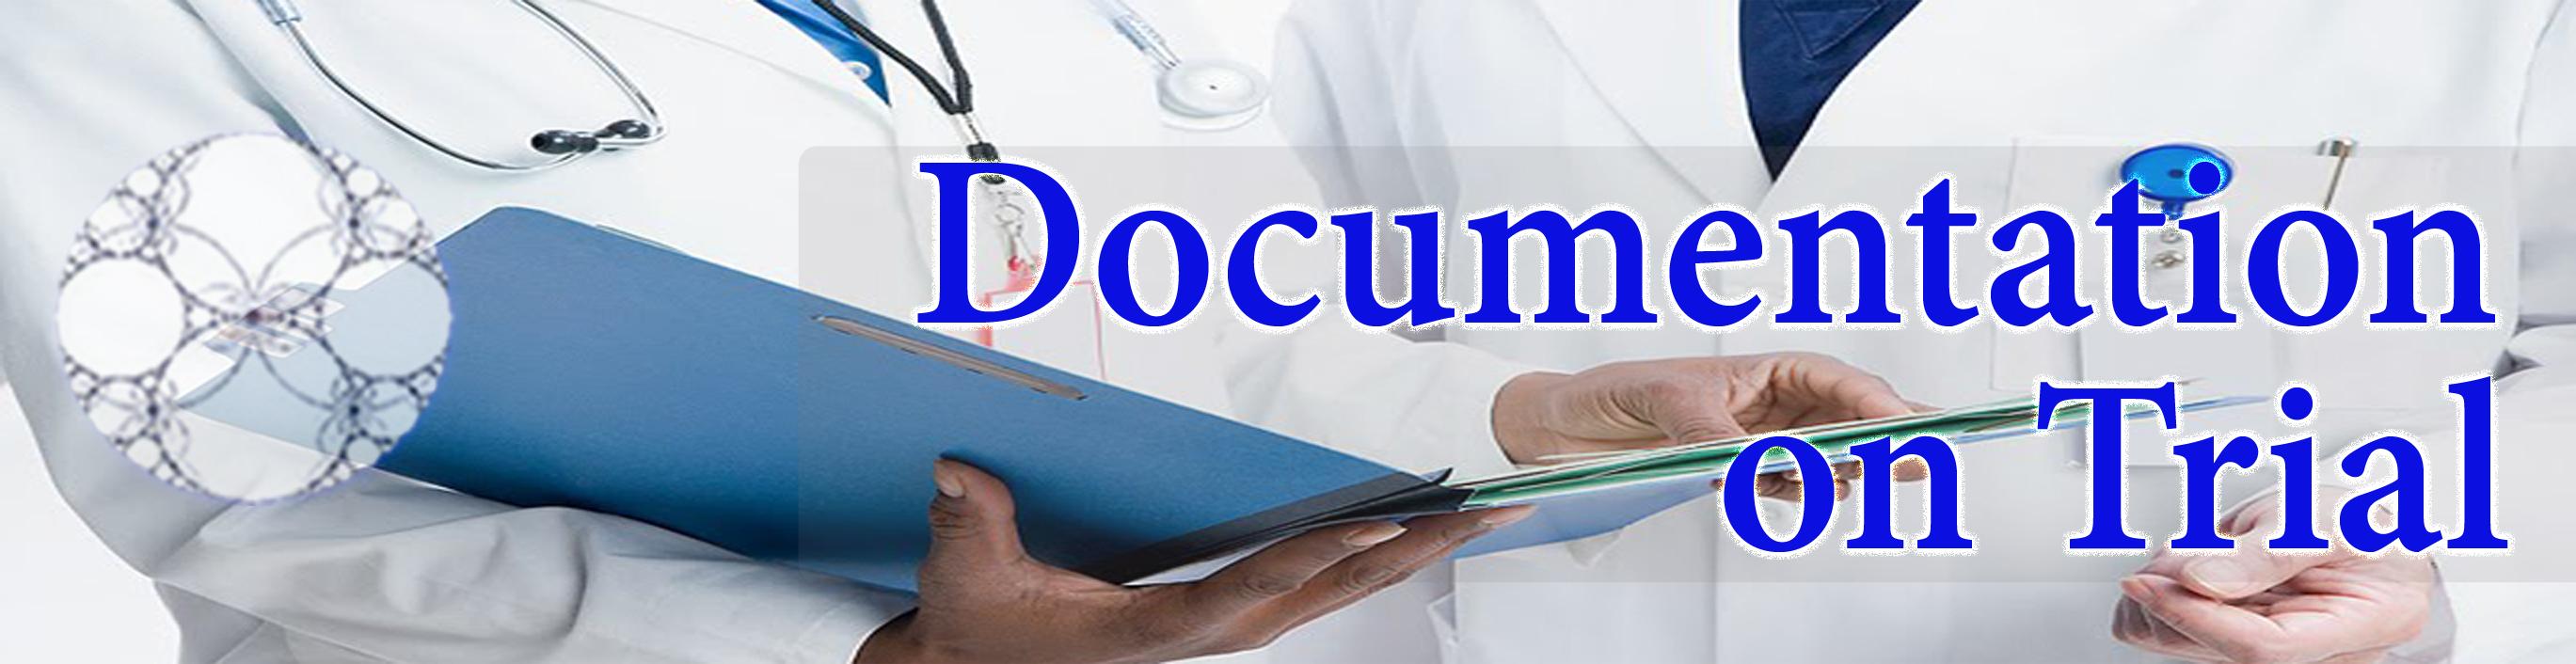 blog-banner-template-docmen